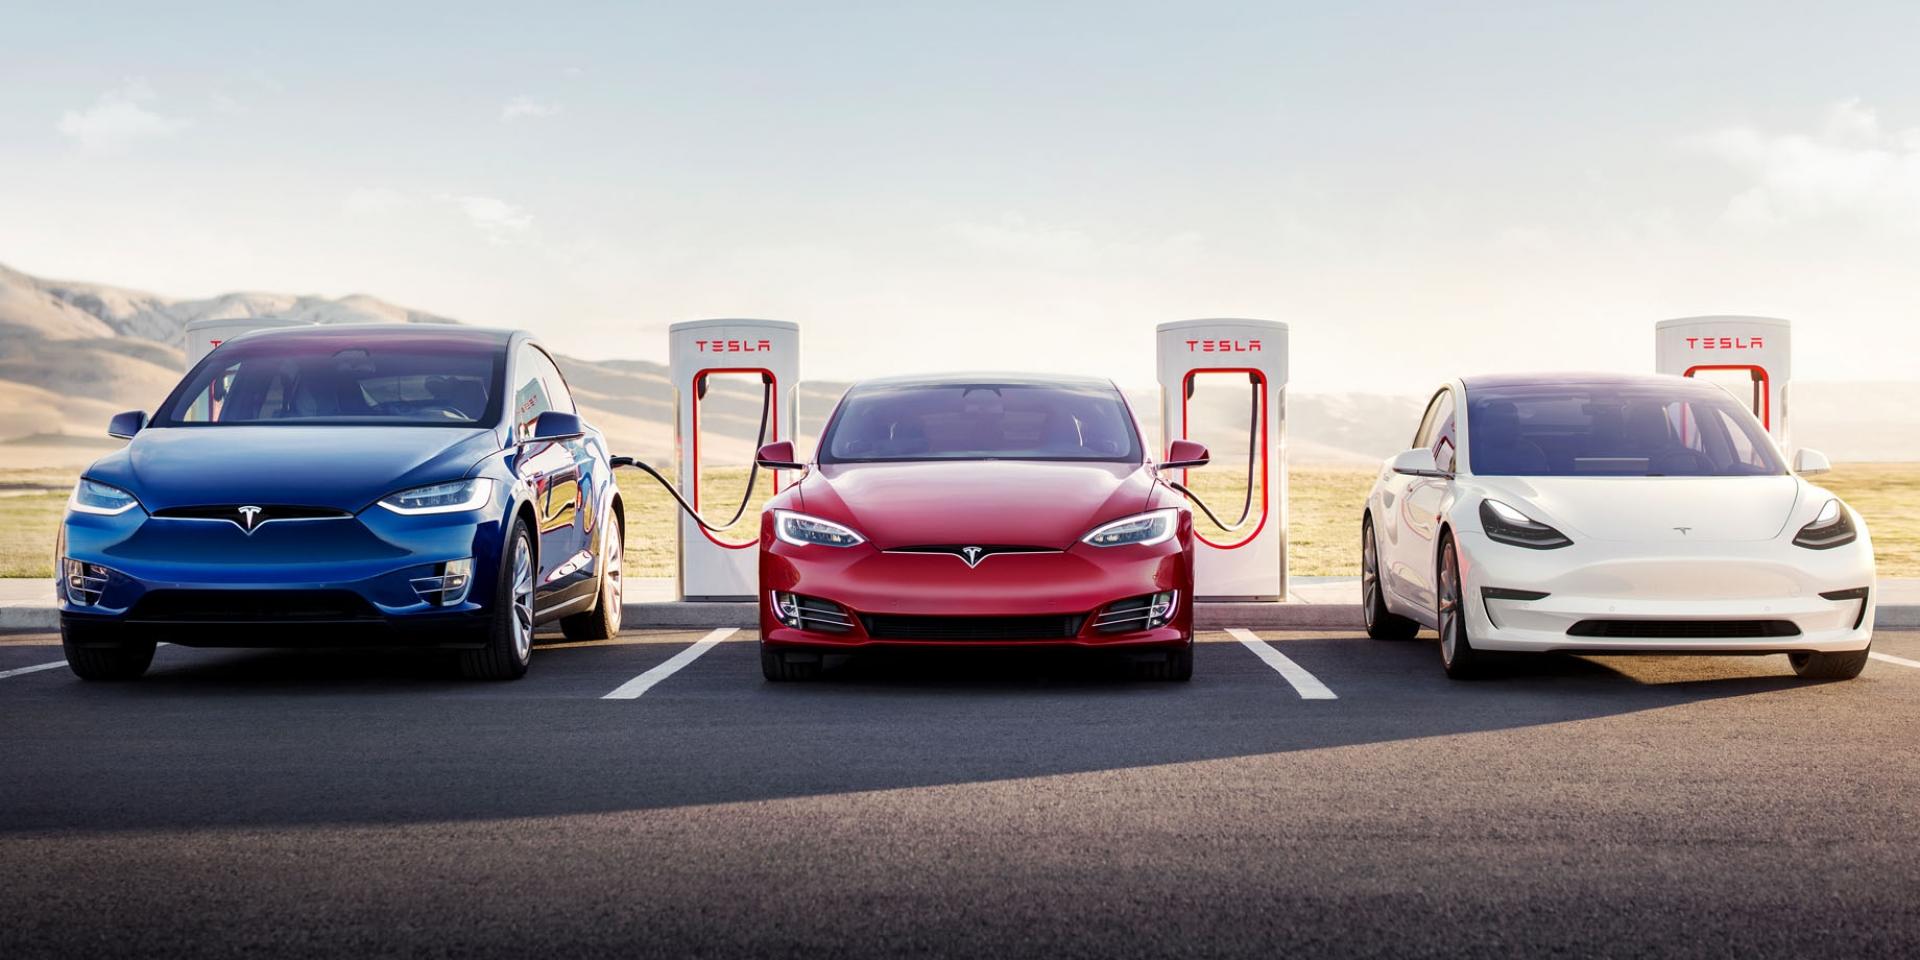 官方新聞稿。Tesla 全台首座 V3 超級充電站預計於6/29開放 「超時佔用費」7月開始